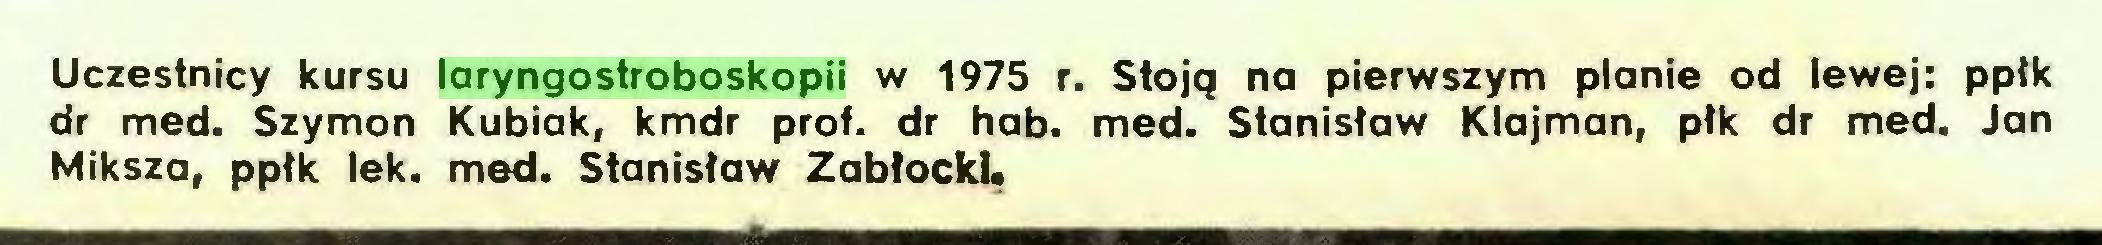 (...) Uczestnicy kursu laryngostroboskopii w 1975 r. Stoją na pierwszym planie od lewej: pptk dr med. Szymon Kubiak, kmdr prof. dr hab. med. Stanisław Klajman, płk dr med. Jan Miksza, ppłk lek. med. Stanisław Zabłocki...